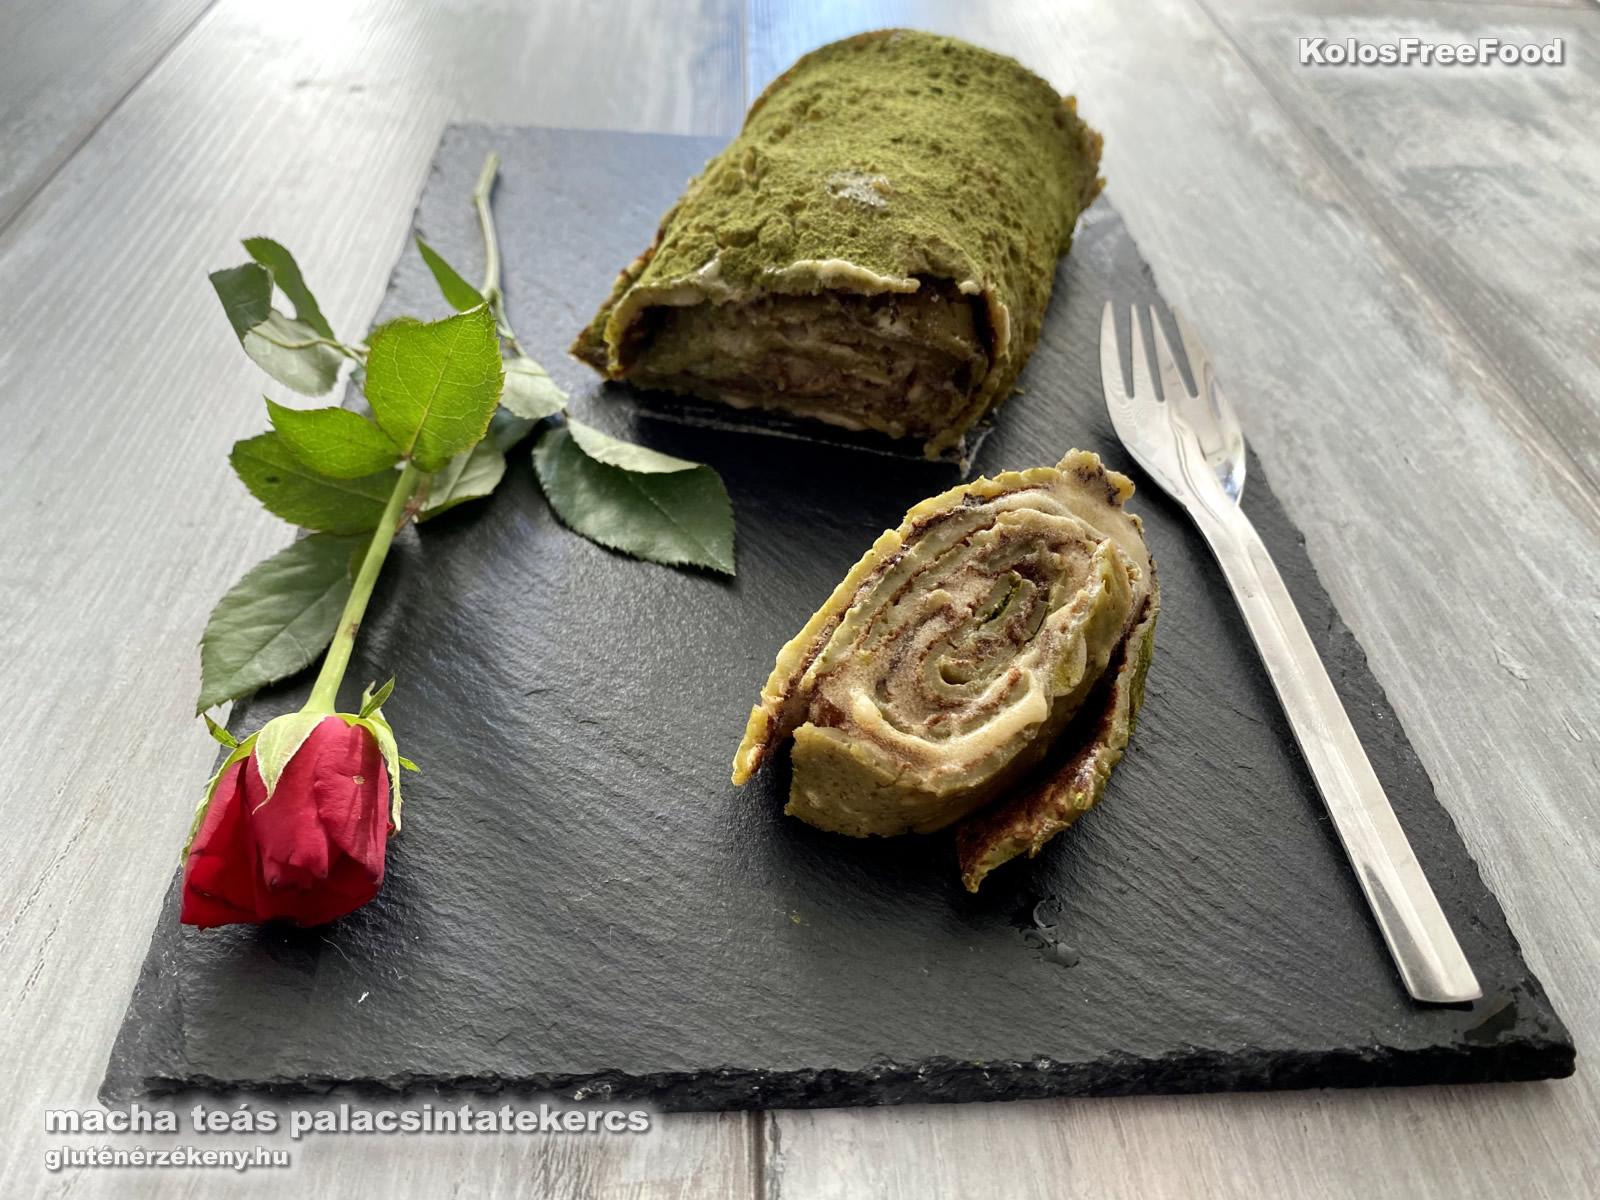 macha teás gluténmentes palacsinatekercs recept